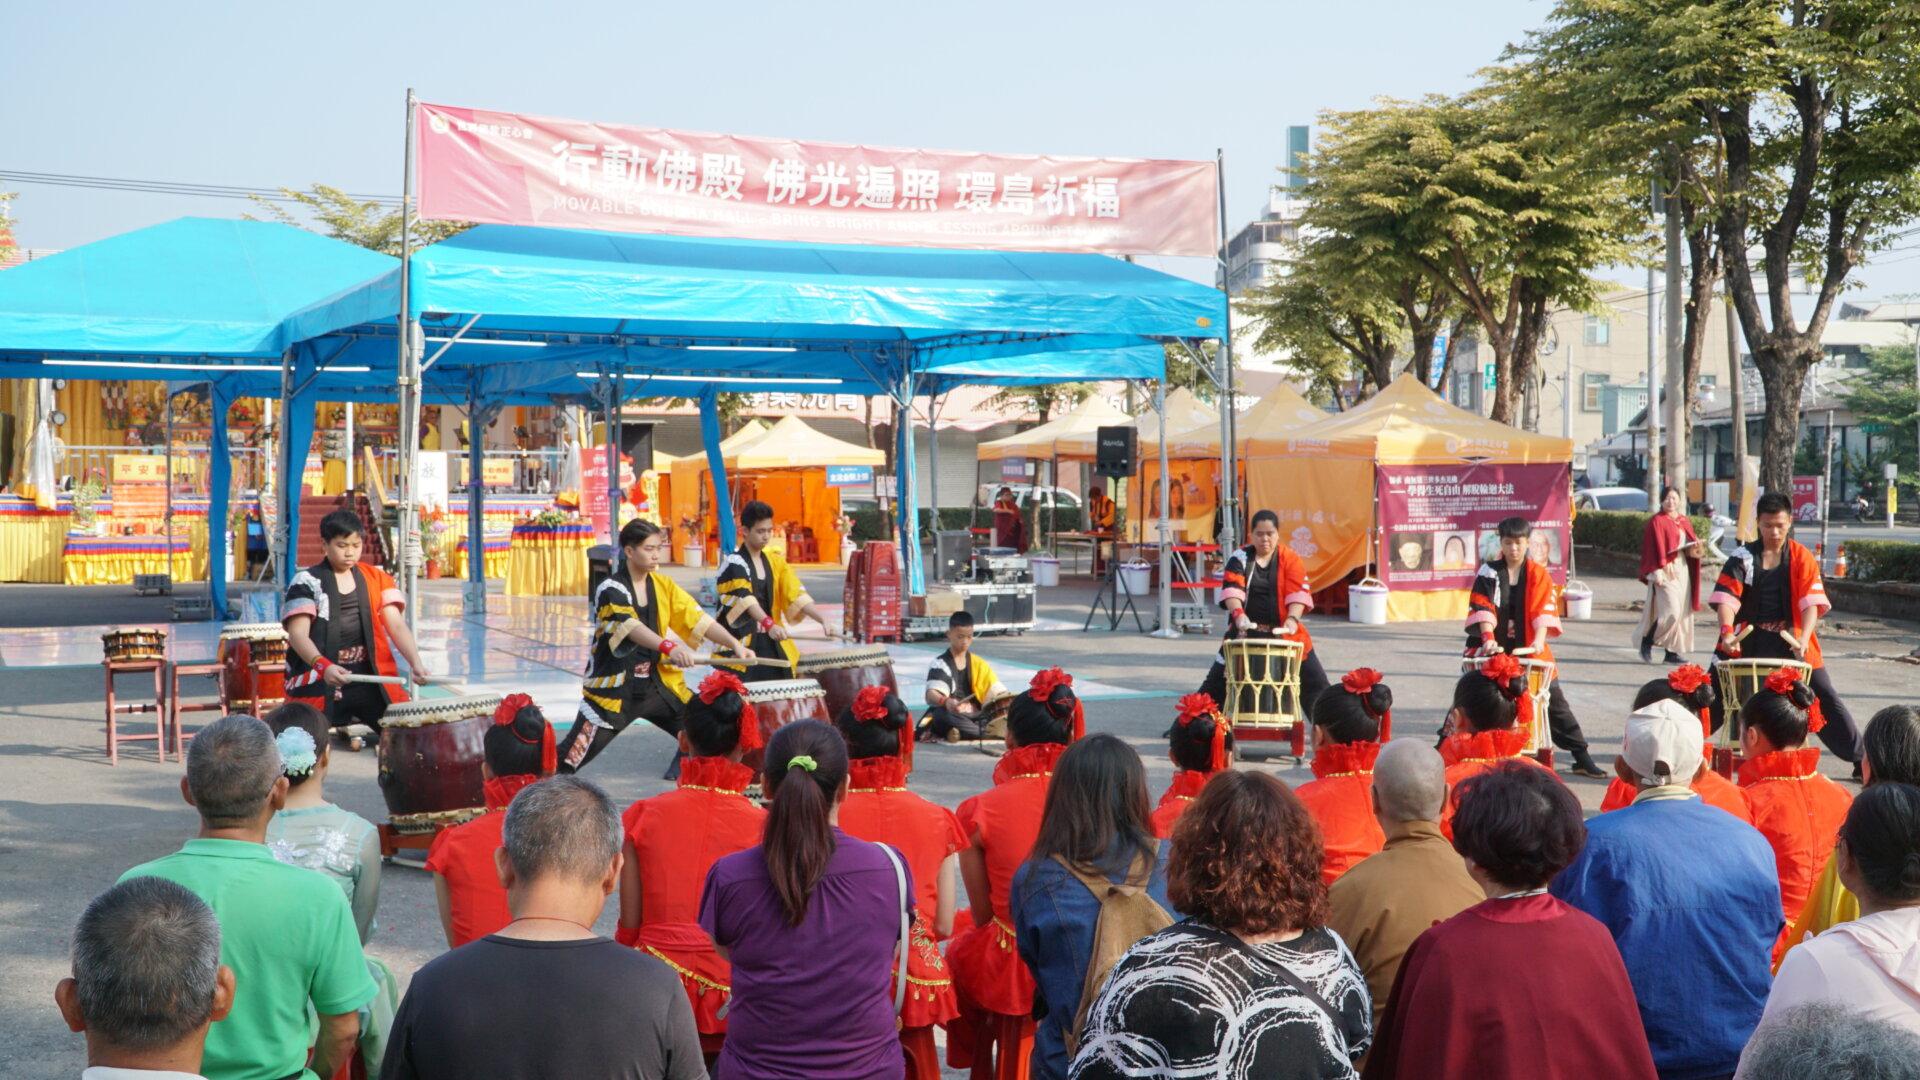 世界佛教正心會行動佛殿123站高雄前鎮,樂藝供佛節目精彩可期,邀請民眾共同觀賞